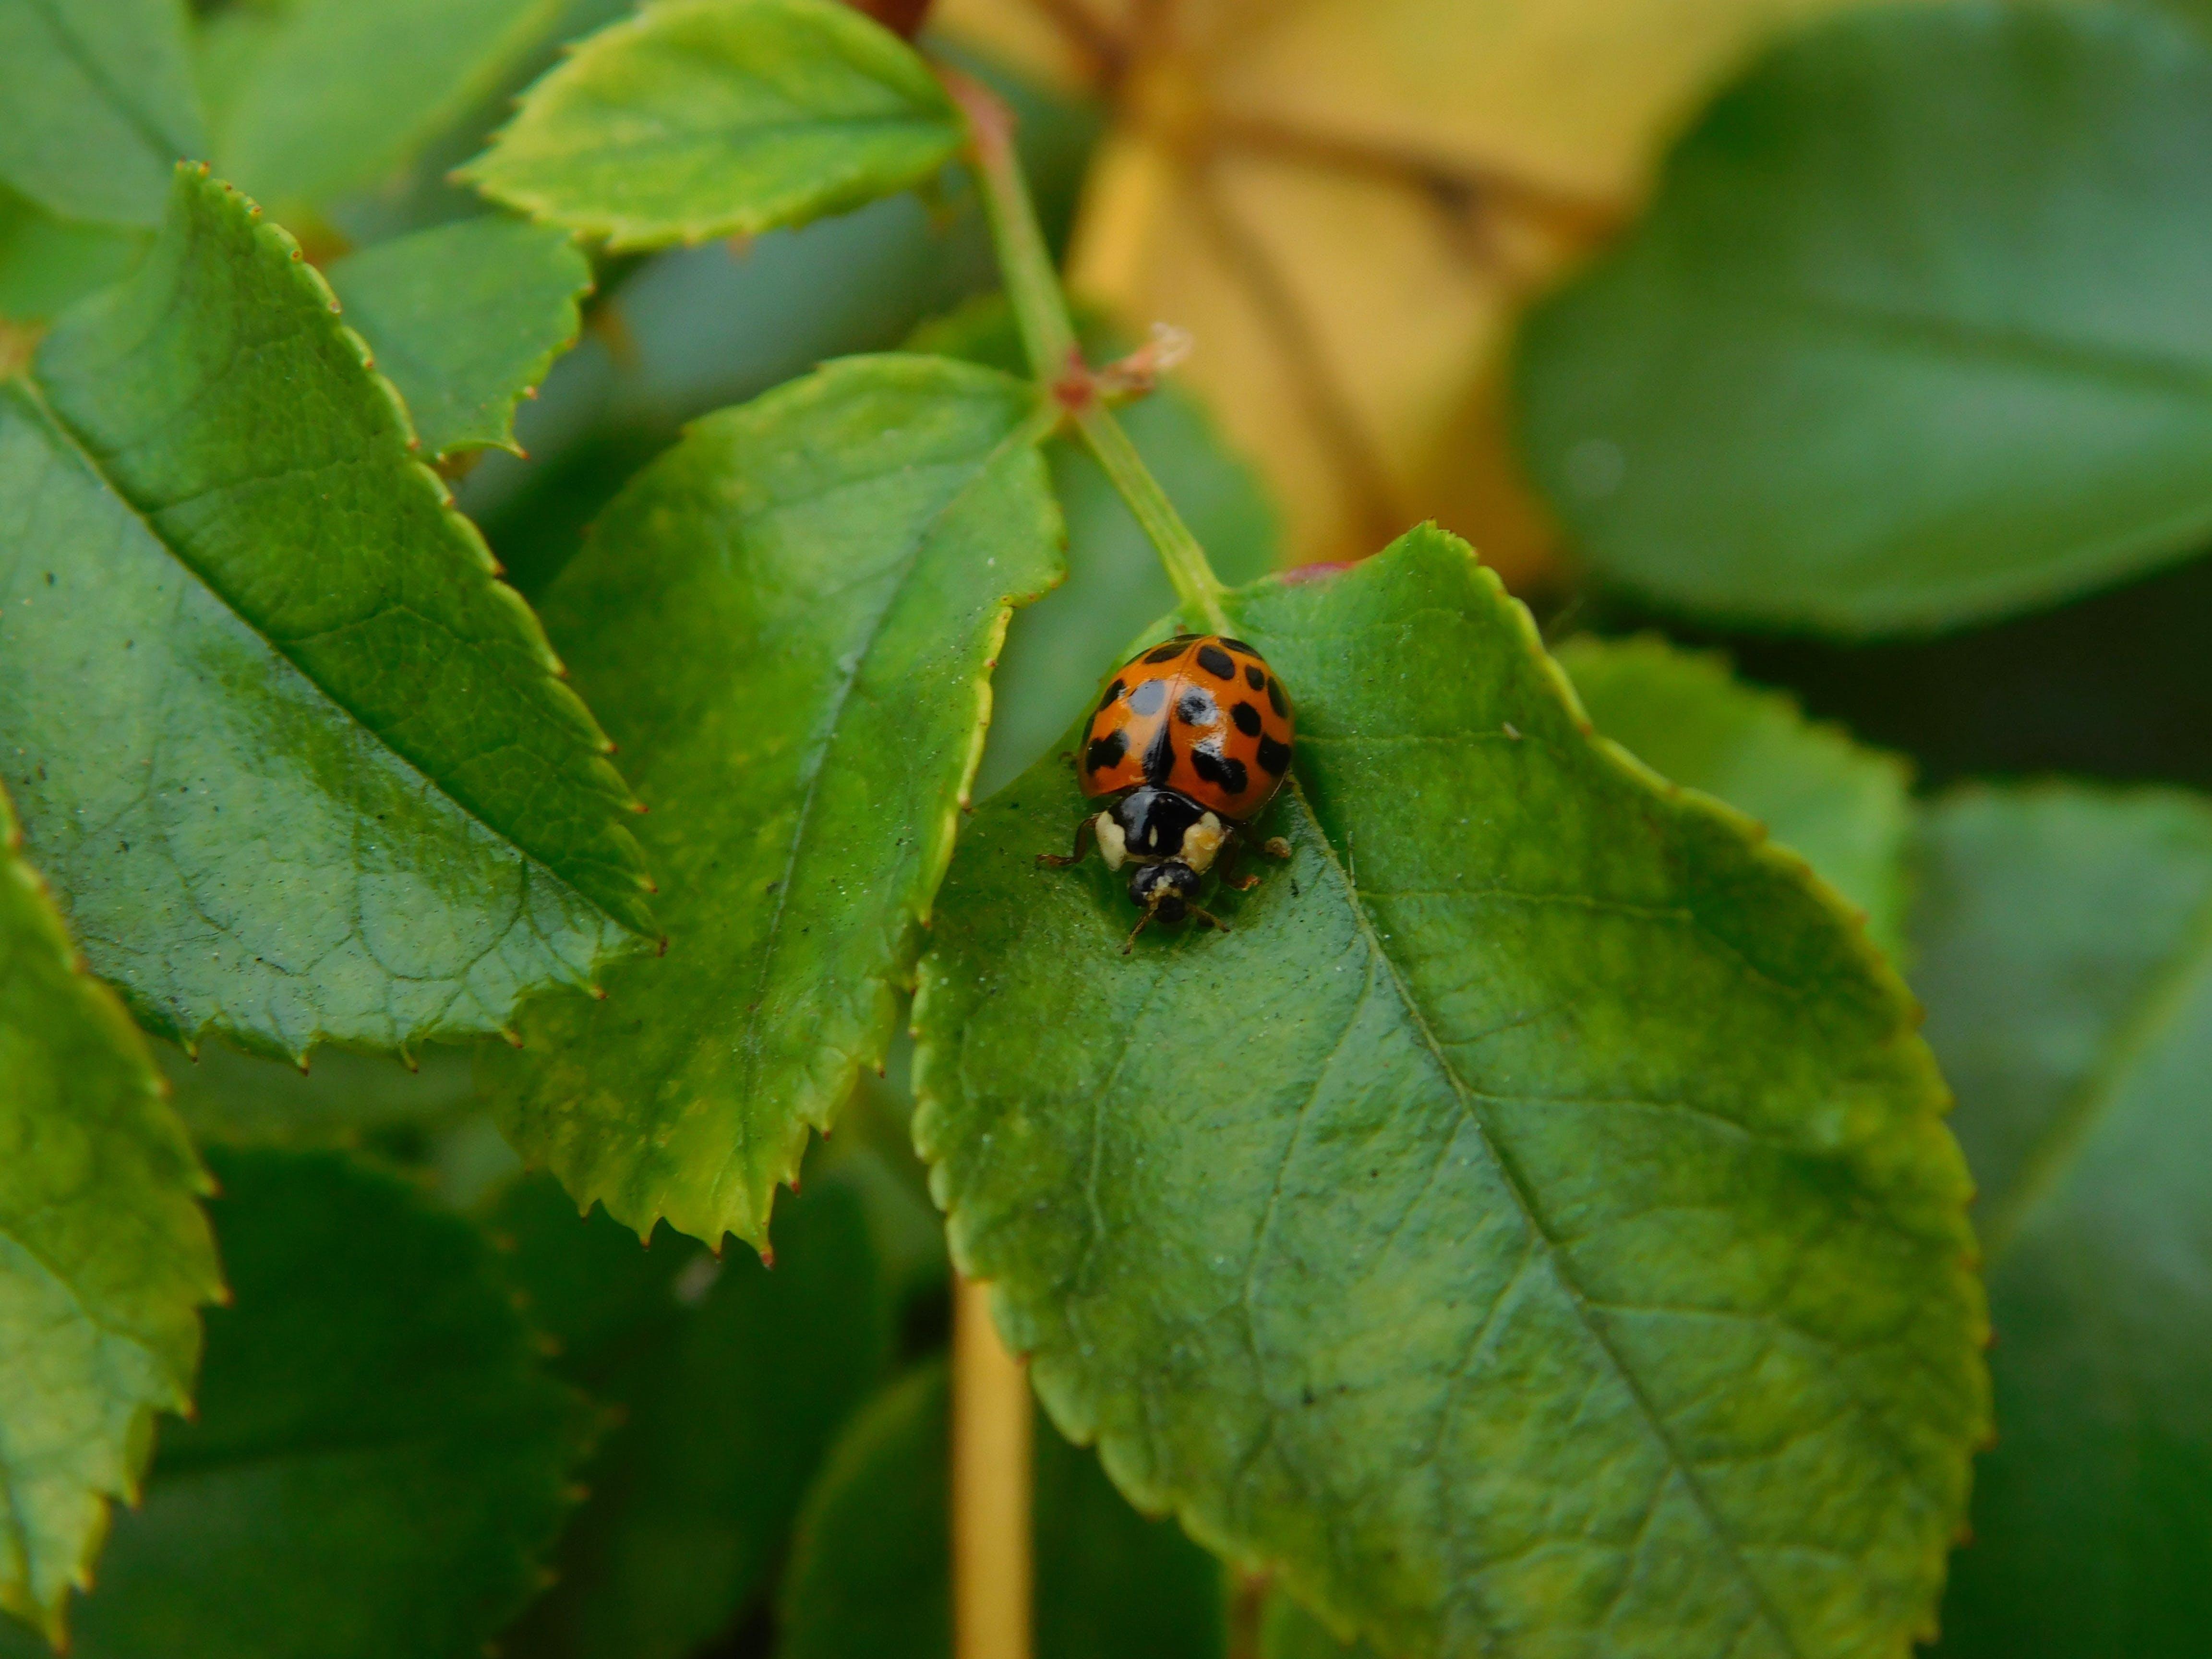 Red Ladybug on Leafed Plant